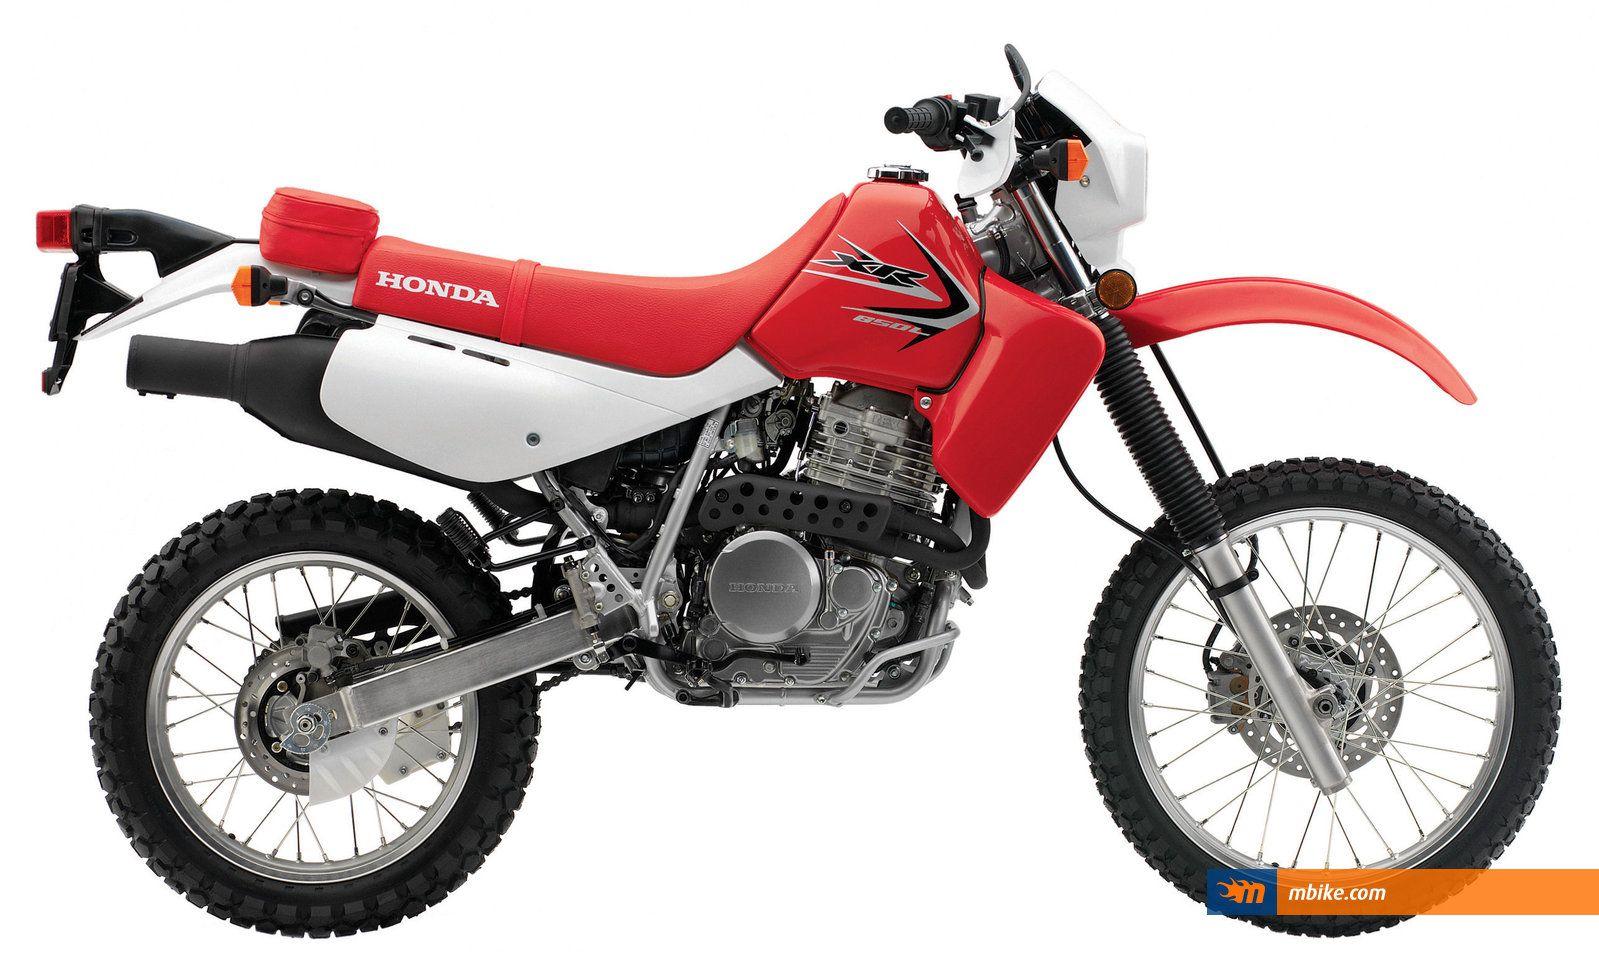 2013 Honda XR 650L Dual sport motorcycle, Honda